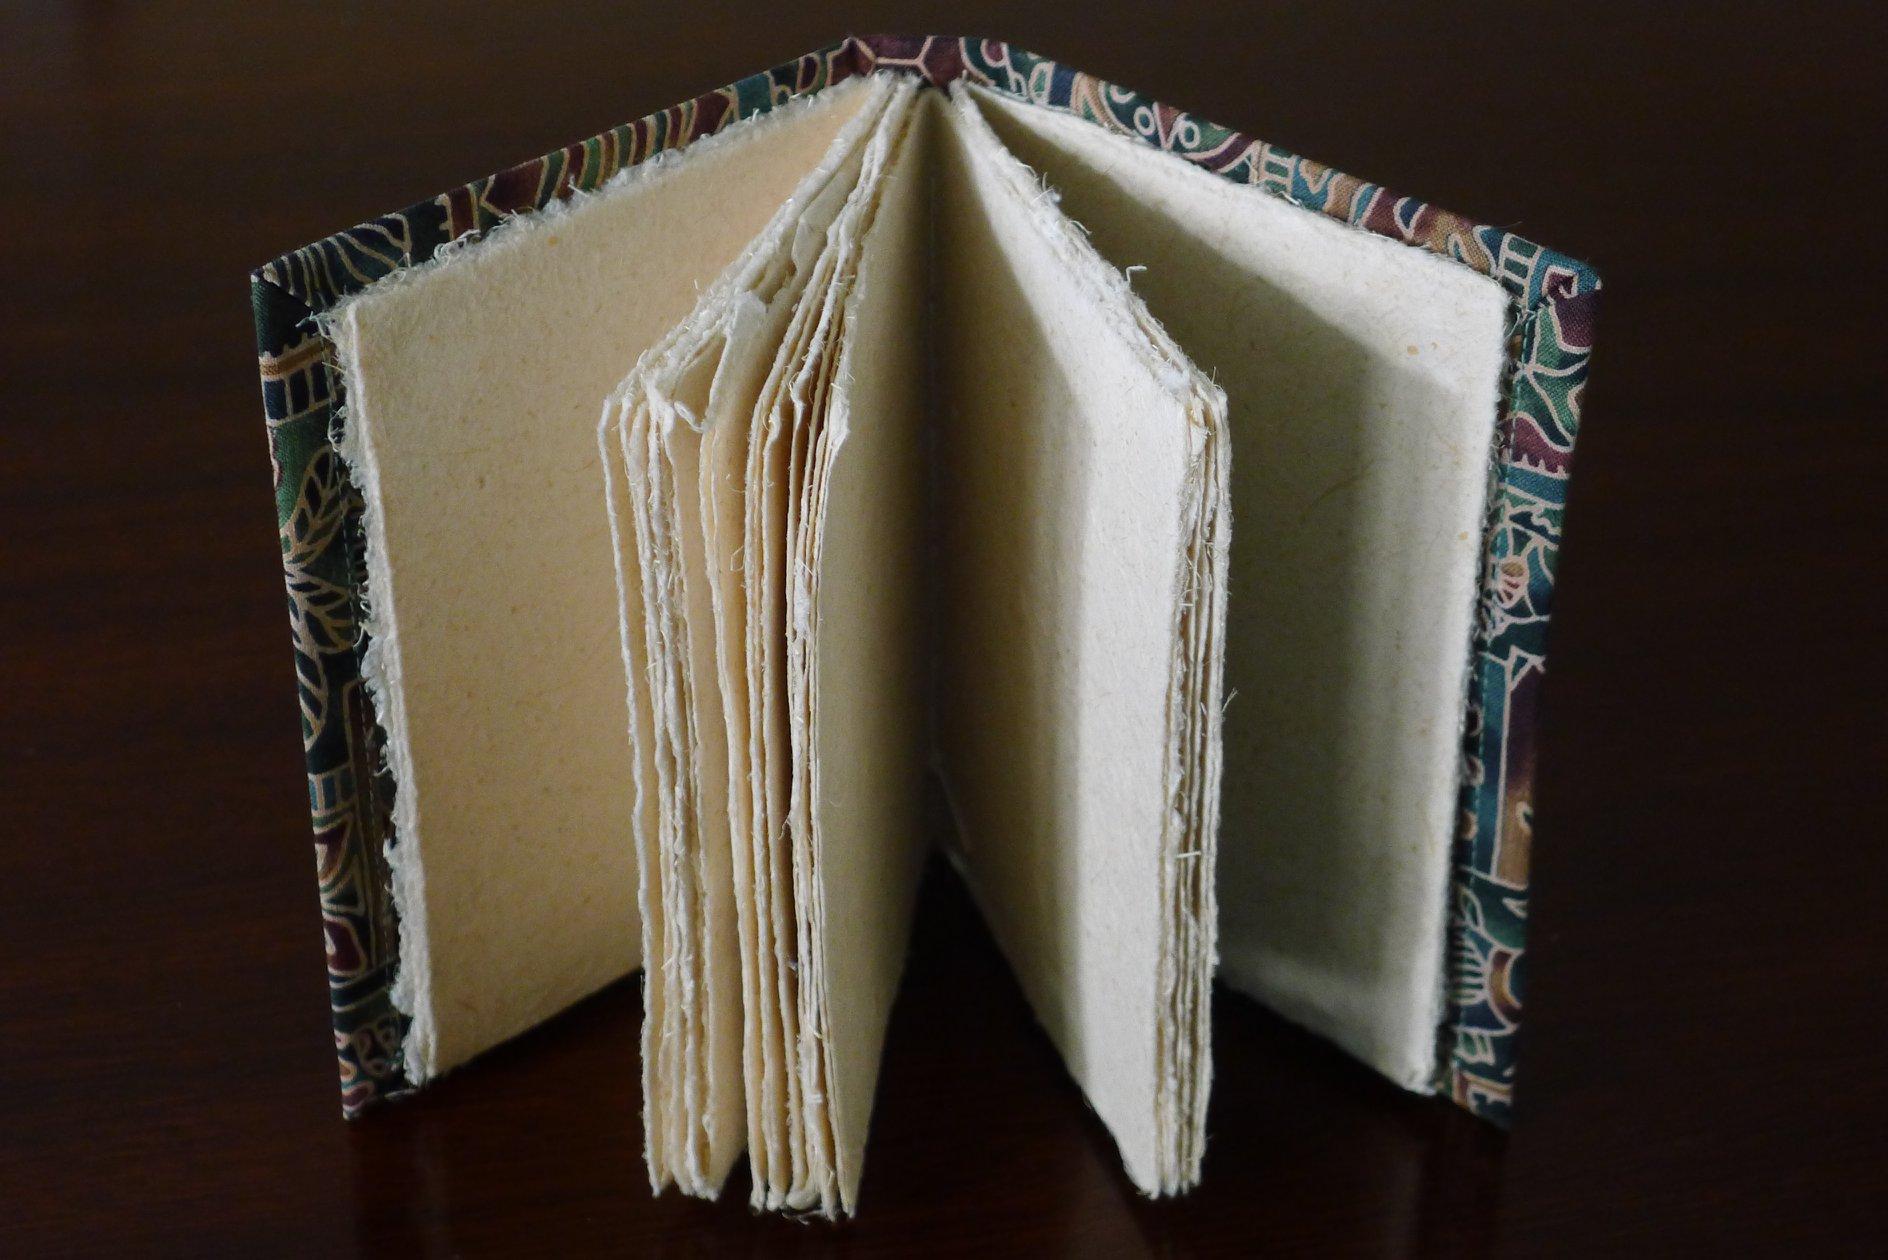 Lightweight flax paper